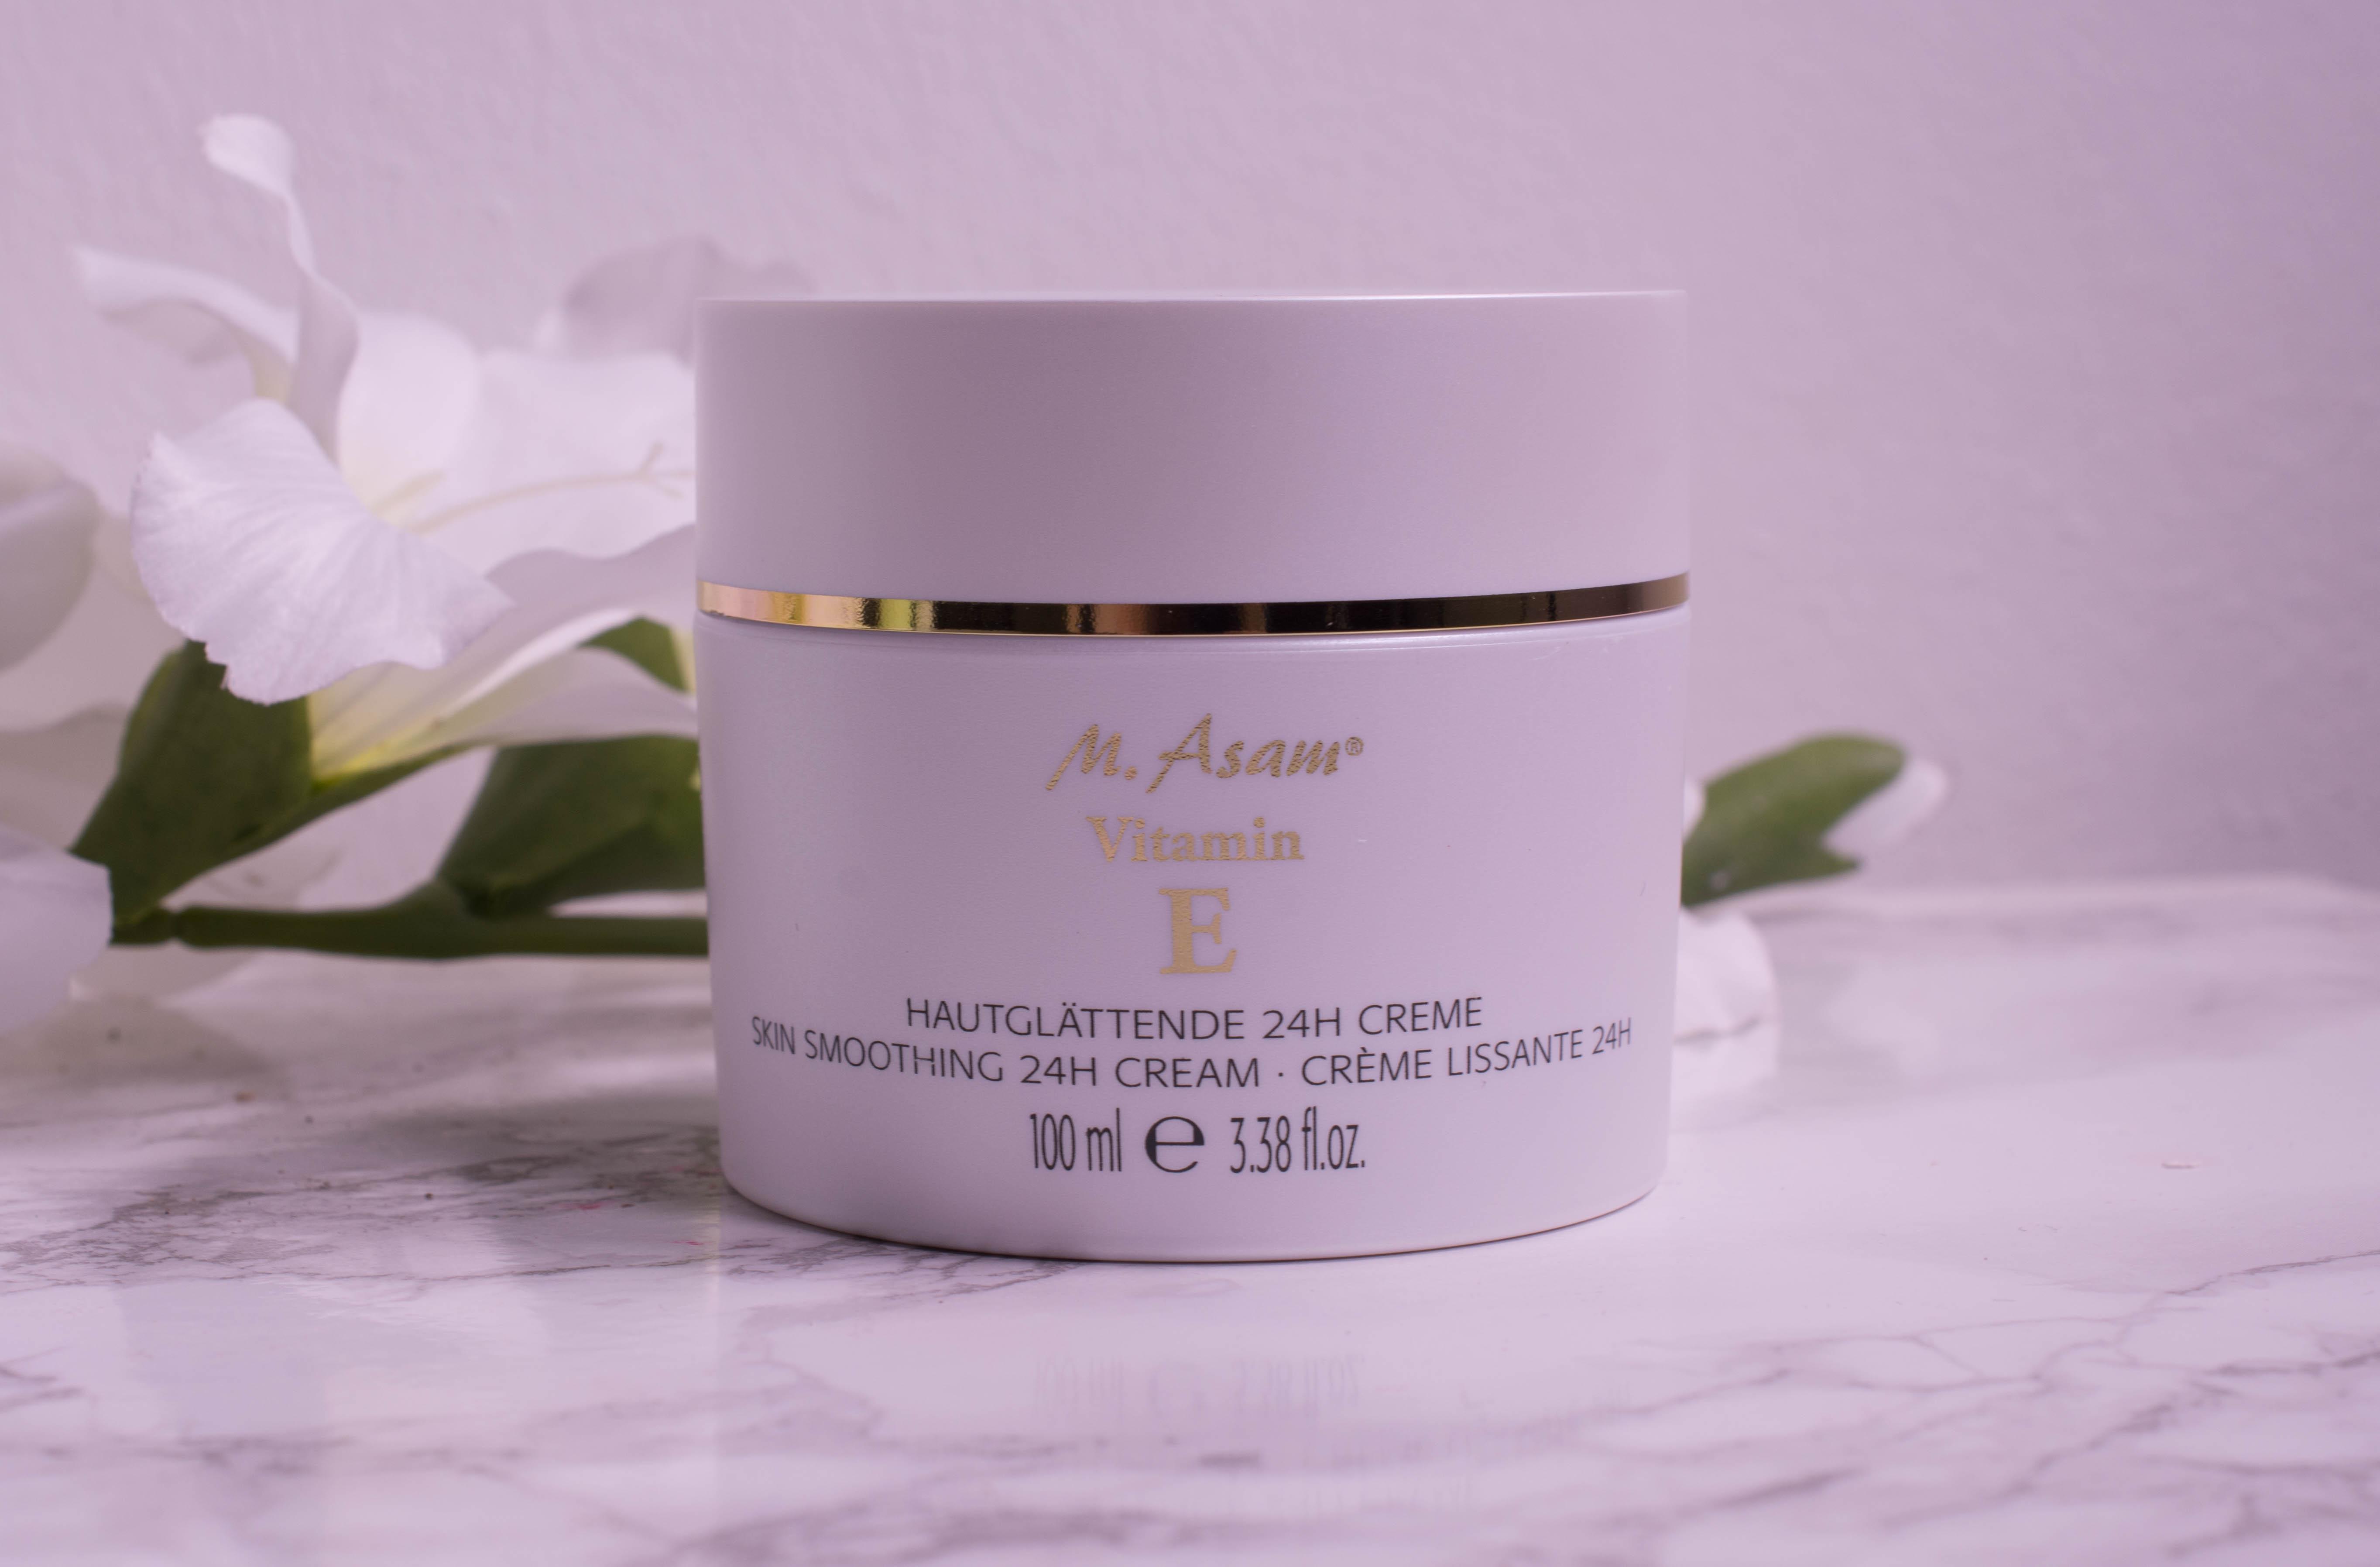 Asambeauty Vitamin E Skin Smoothing 24H Cream